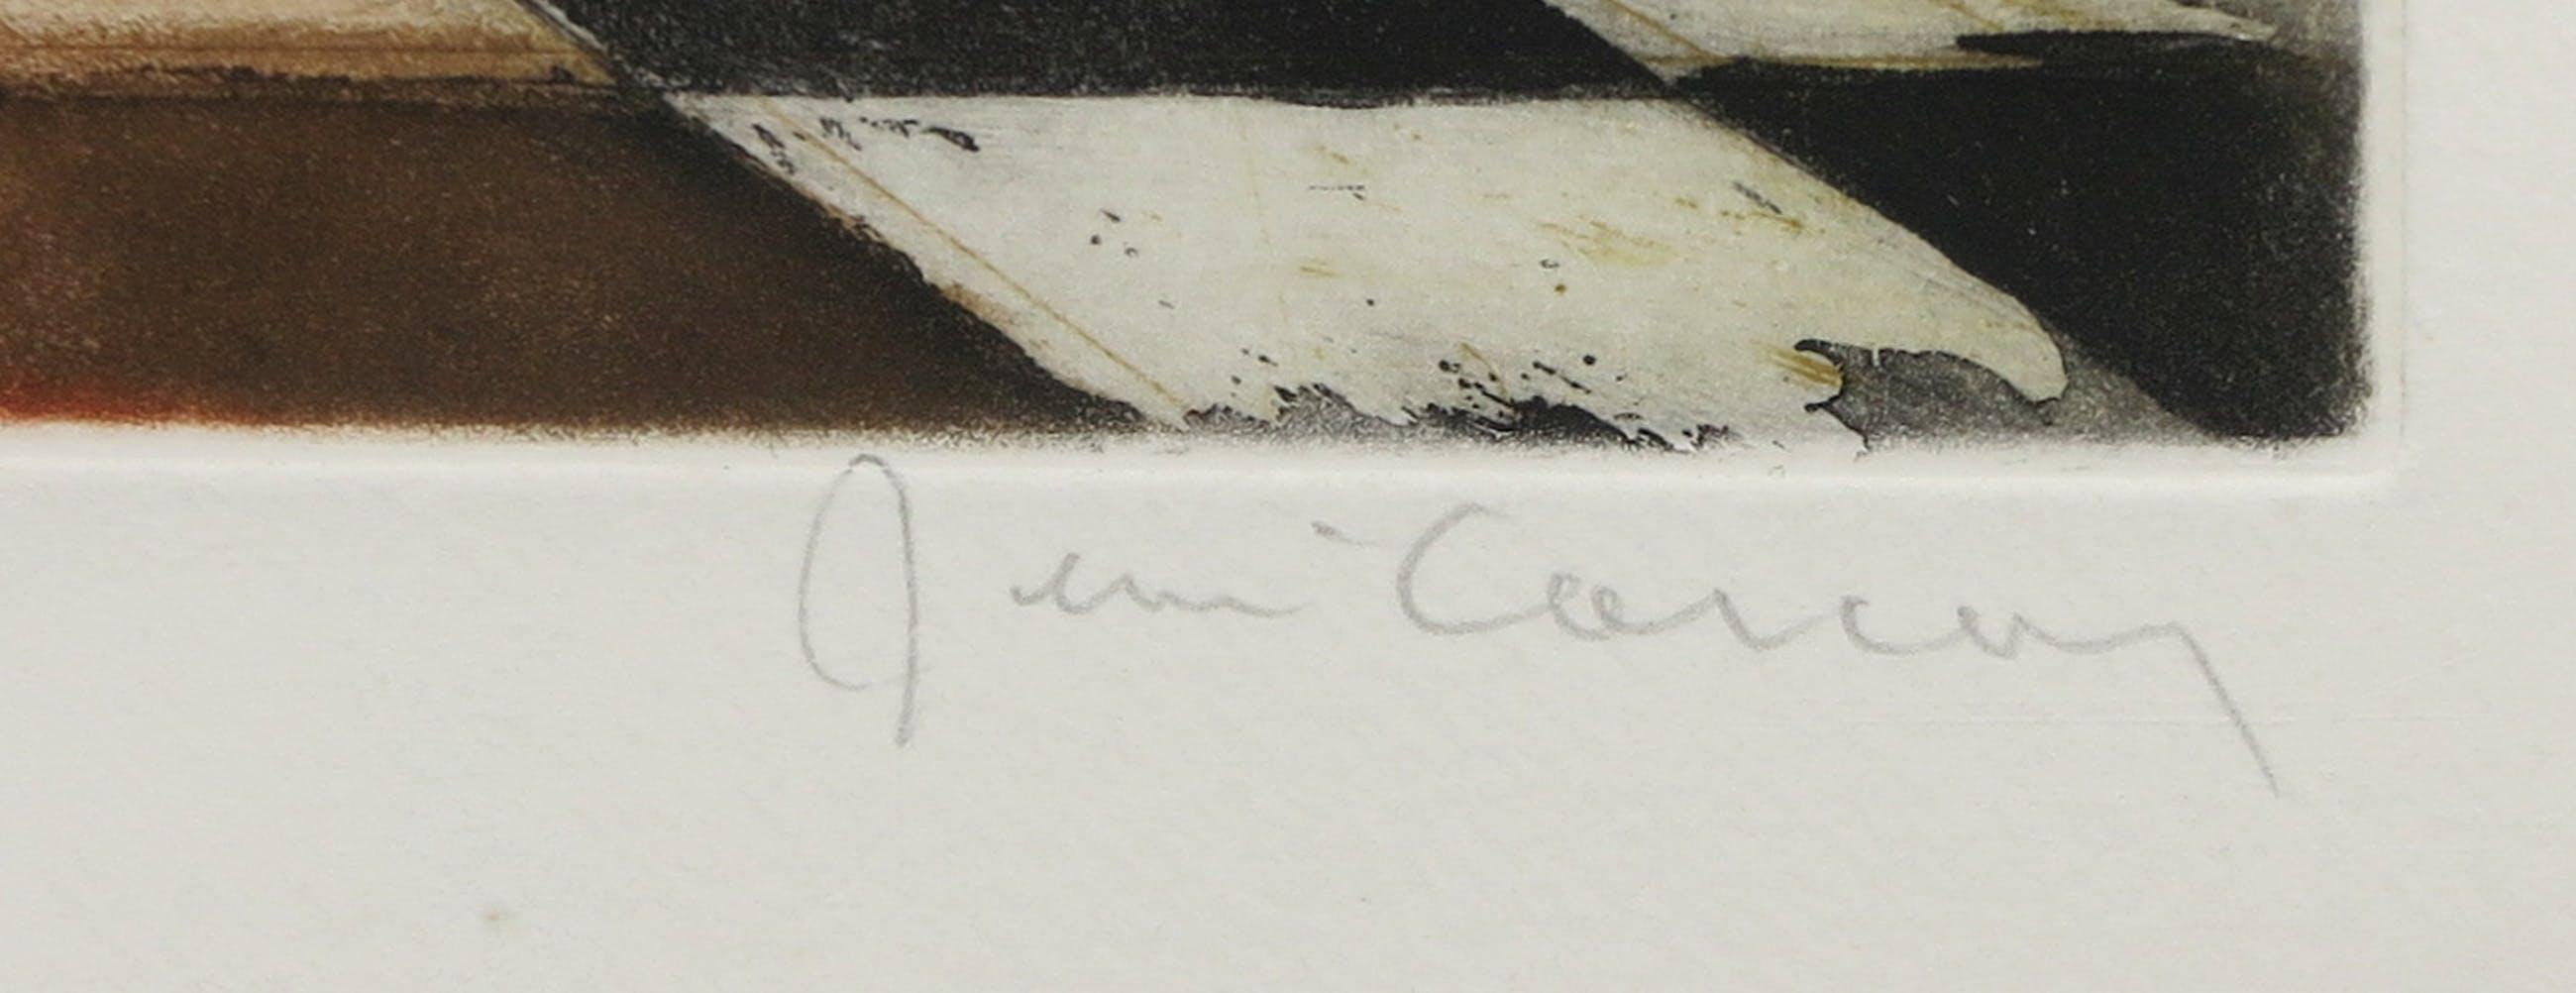 Rene Carcan - Aquatint, L'arche des Elements - Ingelijst kopen? Bied vanaf 1!